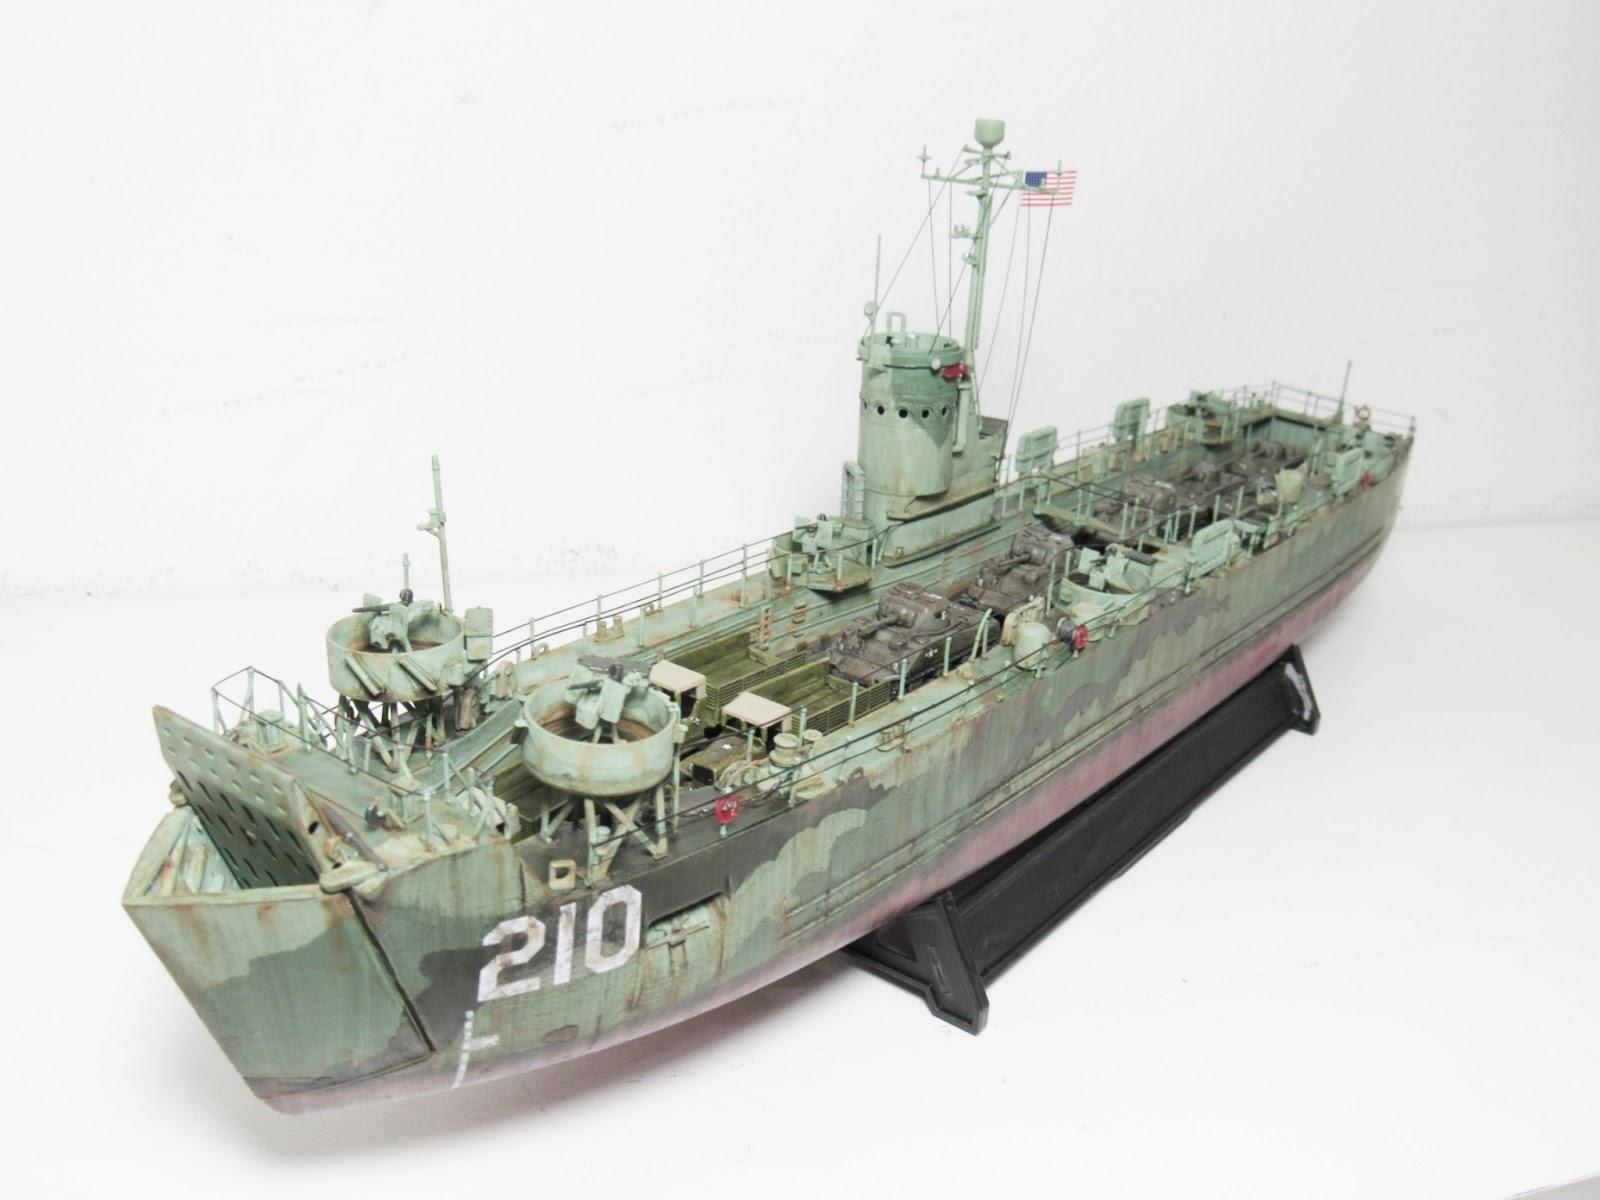 lsm 05 01 Un total de quinientos cincuenta y ocho medios de los buques de aterrizaje ( LSM) y medios de los buques de aterrizaje (Rocket) (LSM (R) s fueron  construidos ...